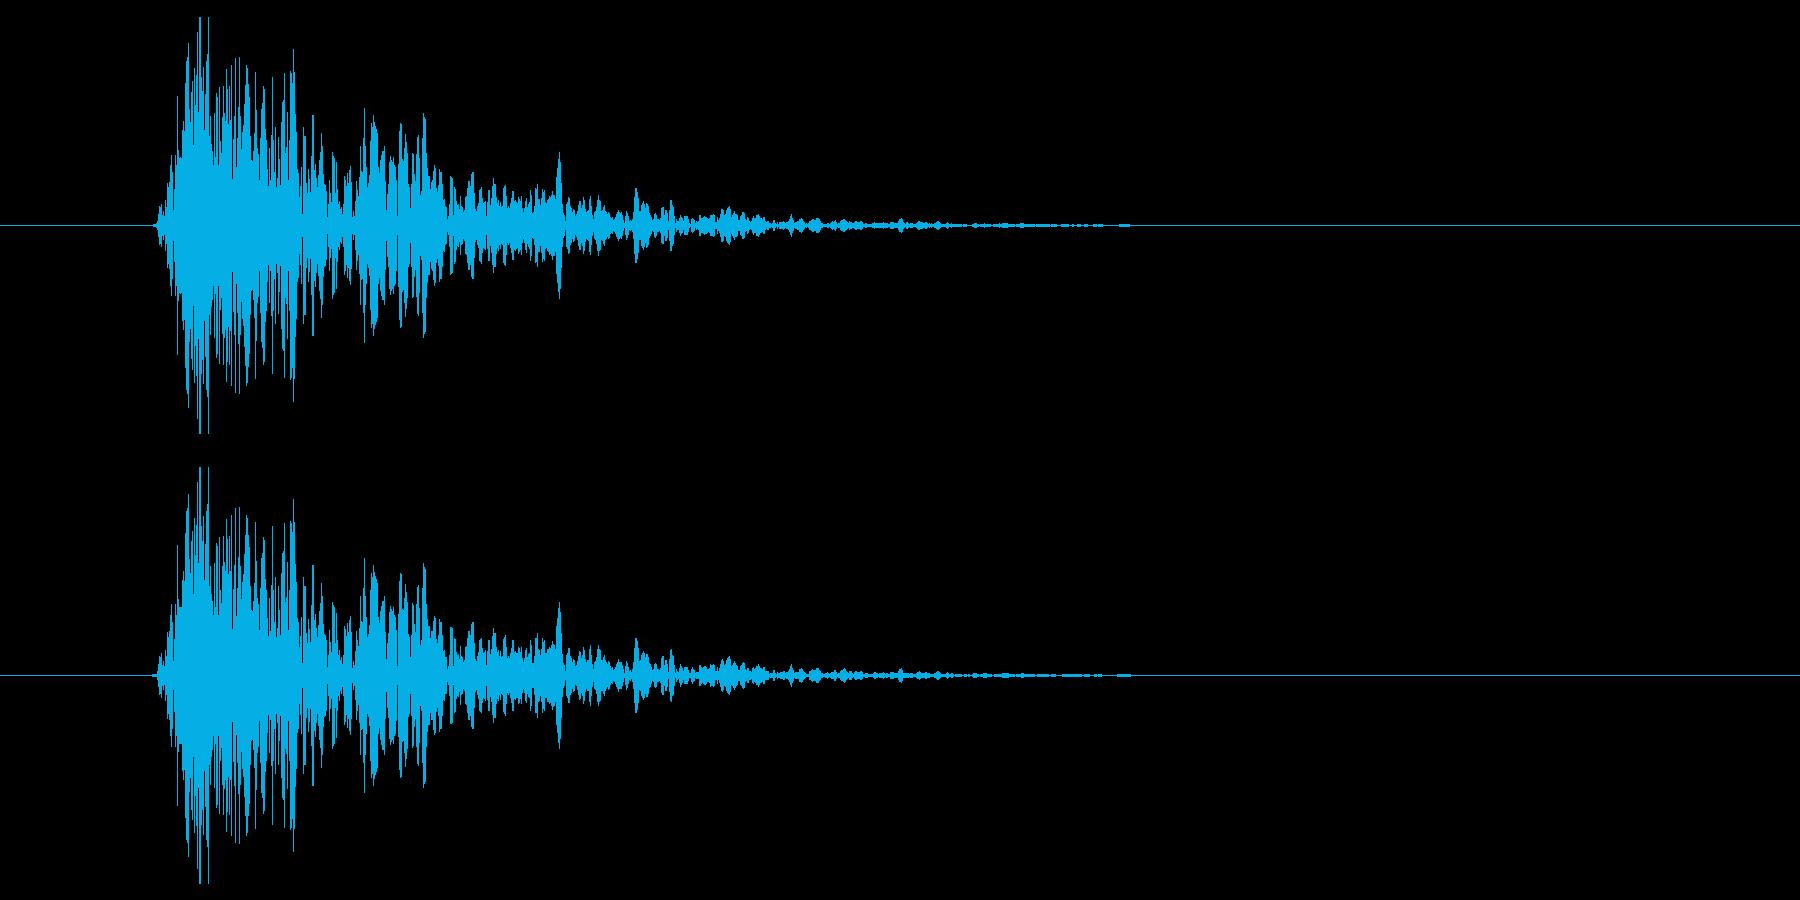 シュン!(素振り、空振りなど)の再生済みの波形